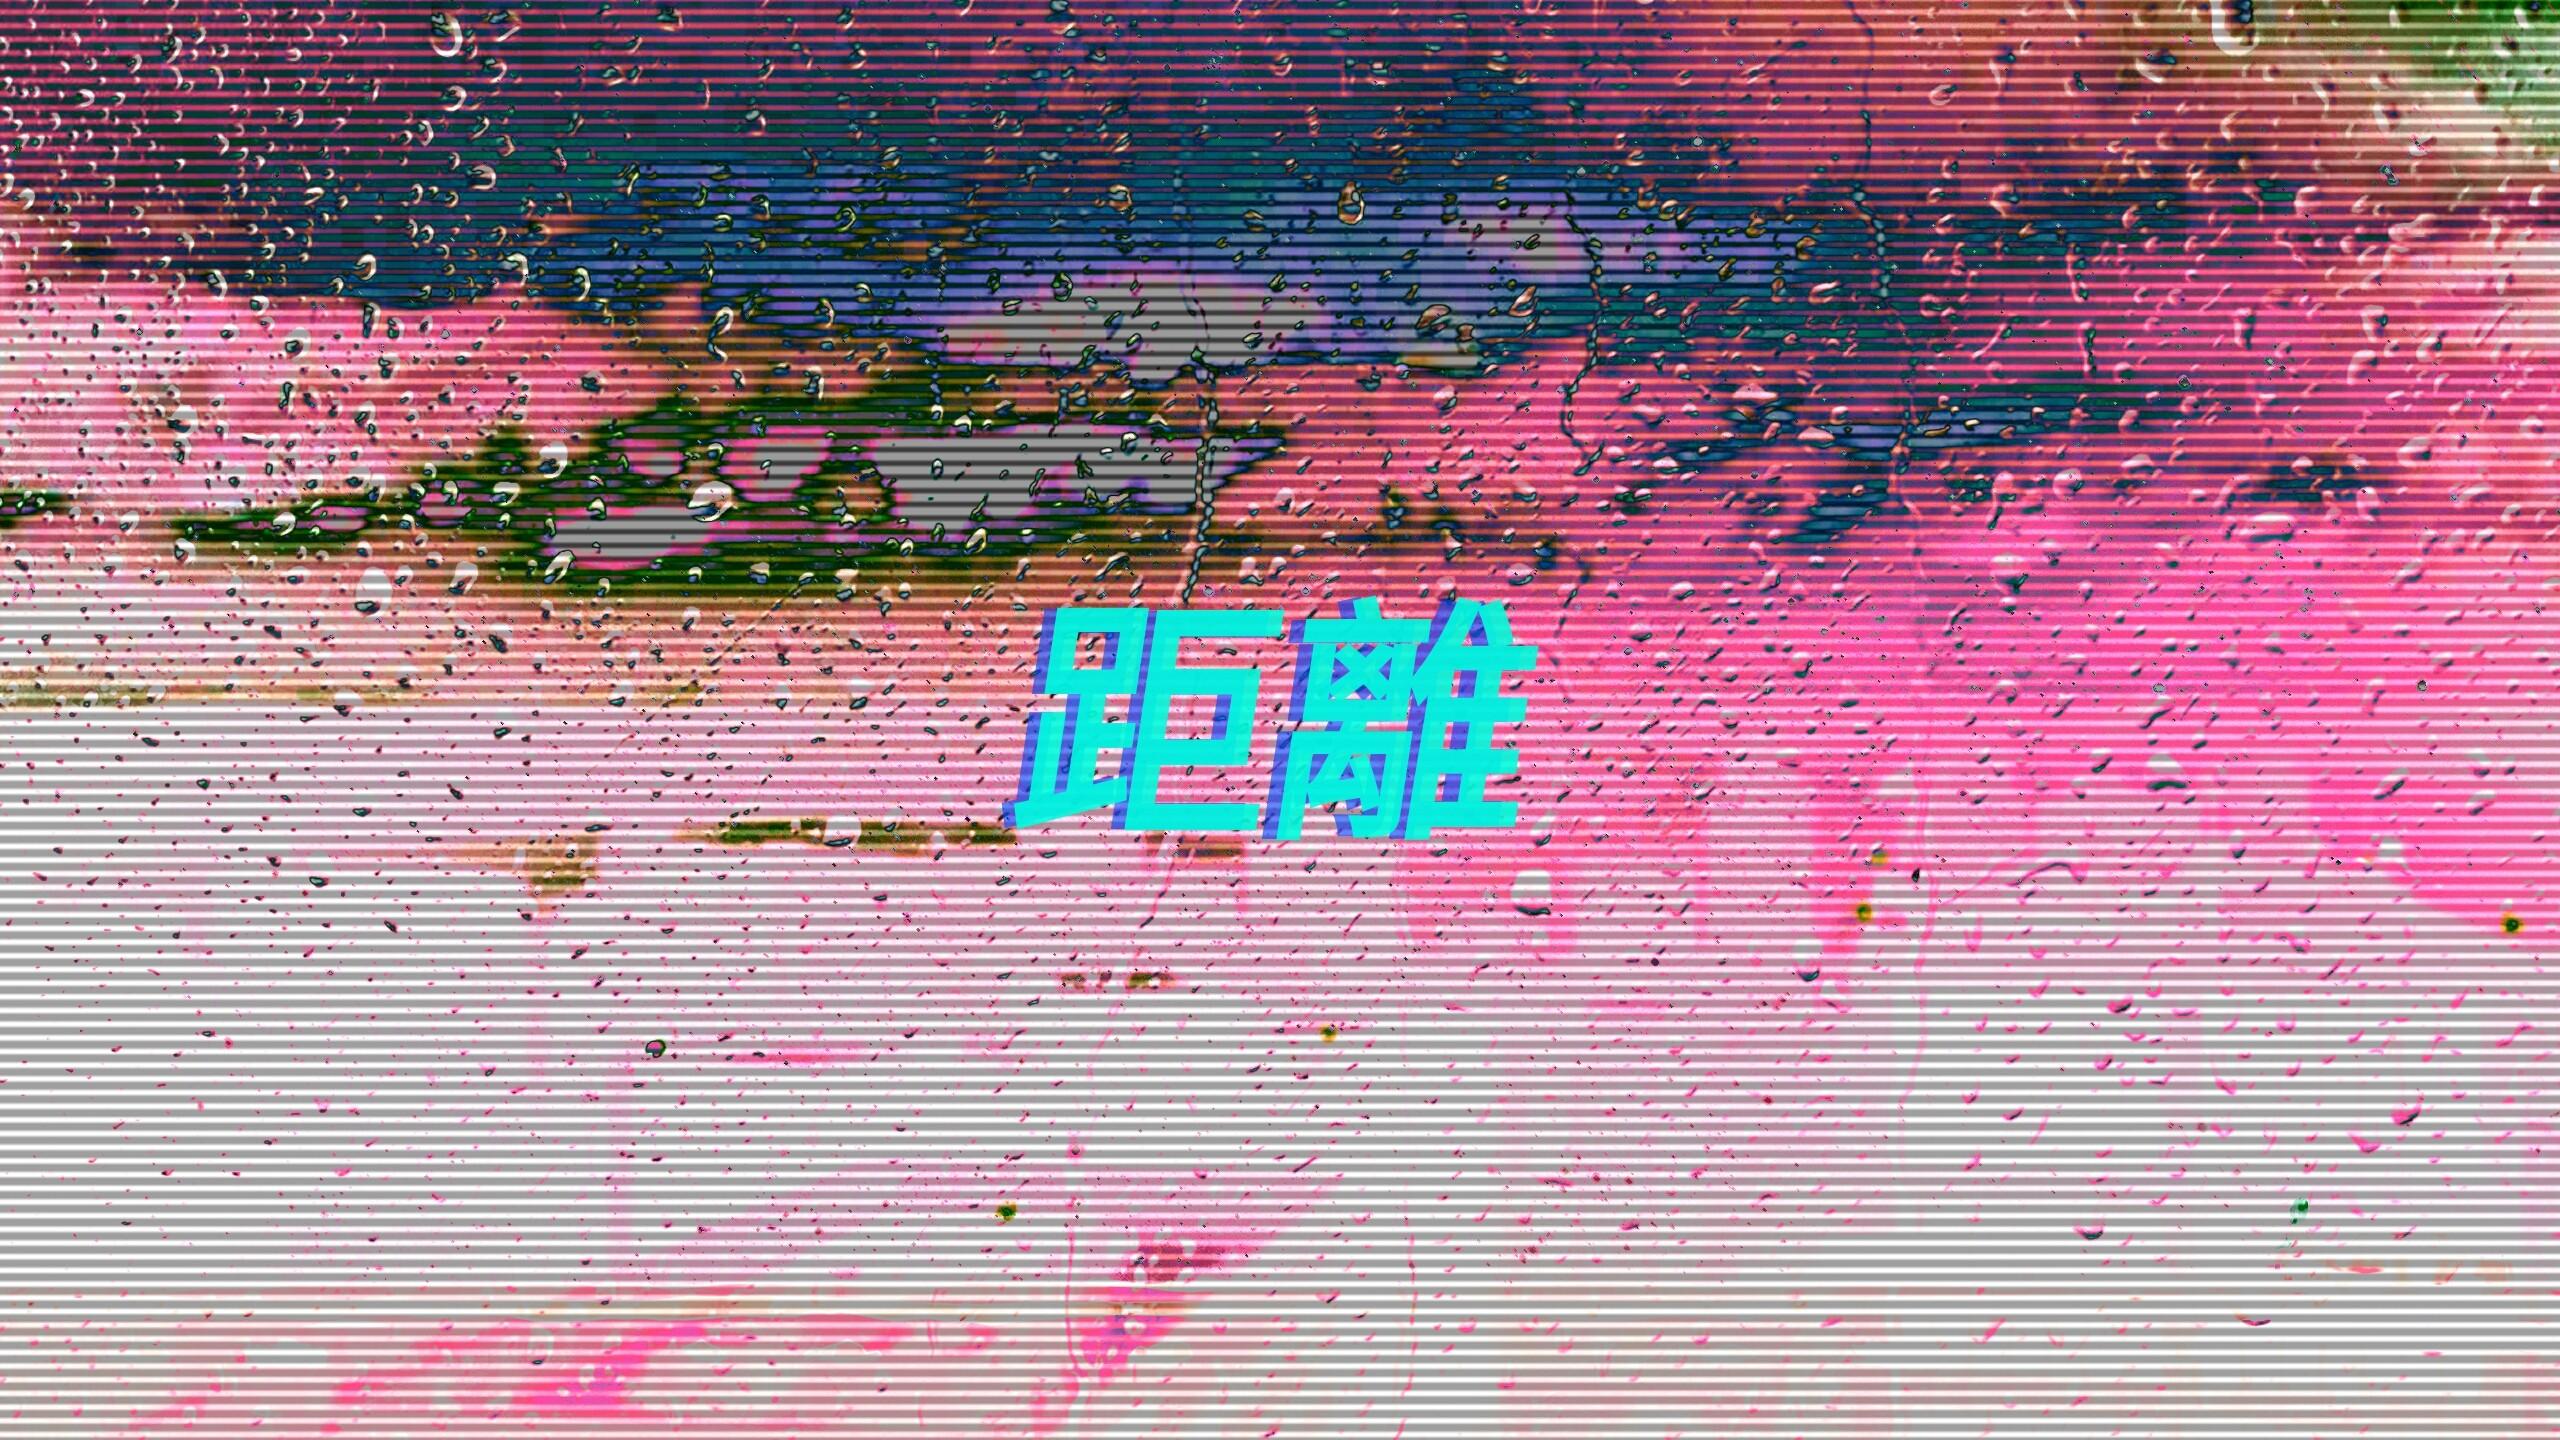 Wallpaper : gun, anime girls, 3D, red, wall, glitch art, text, photo